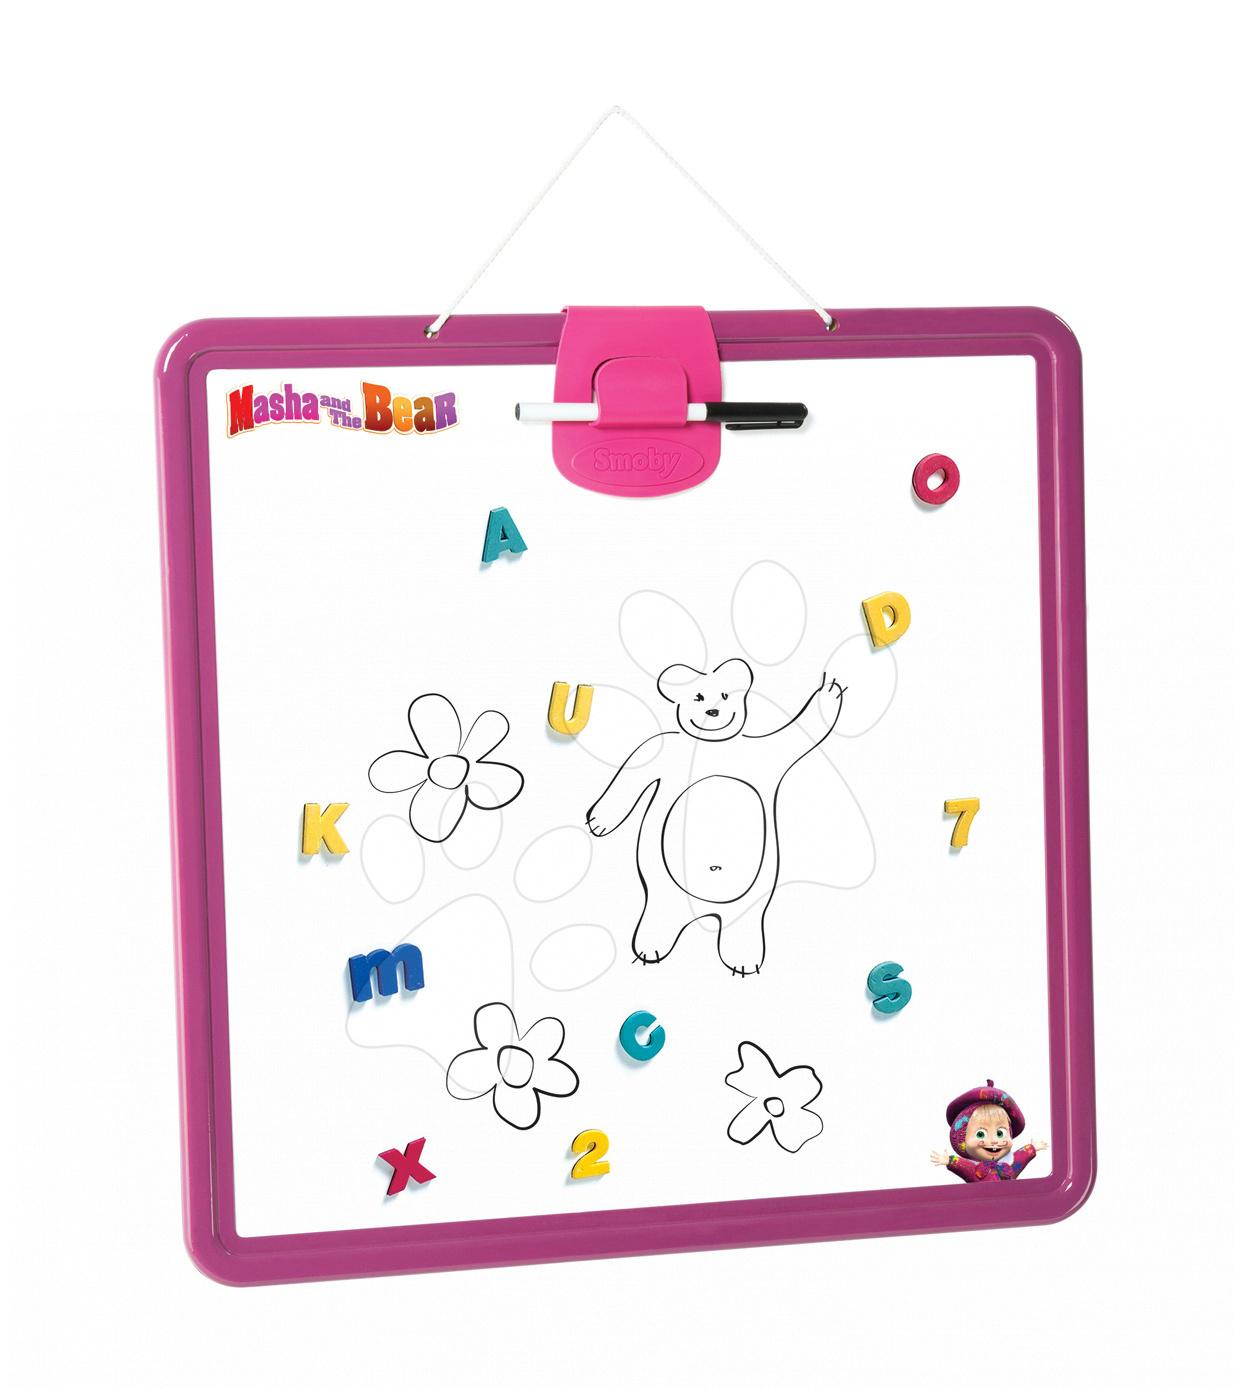 Školské tabule - Školská magnetická tabuľa Máša a medveď Smoby obojstranná, na zavesenie s 10 doplnkami fialová